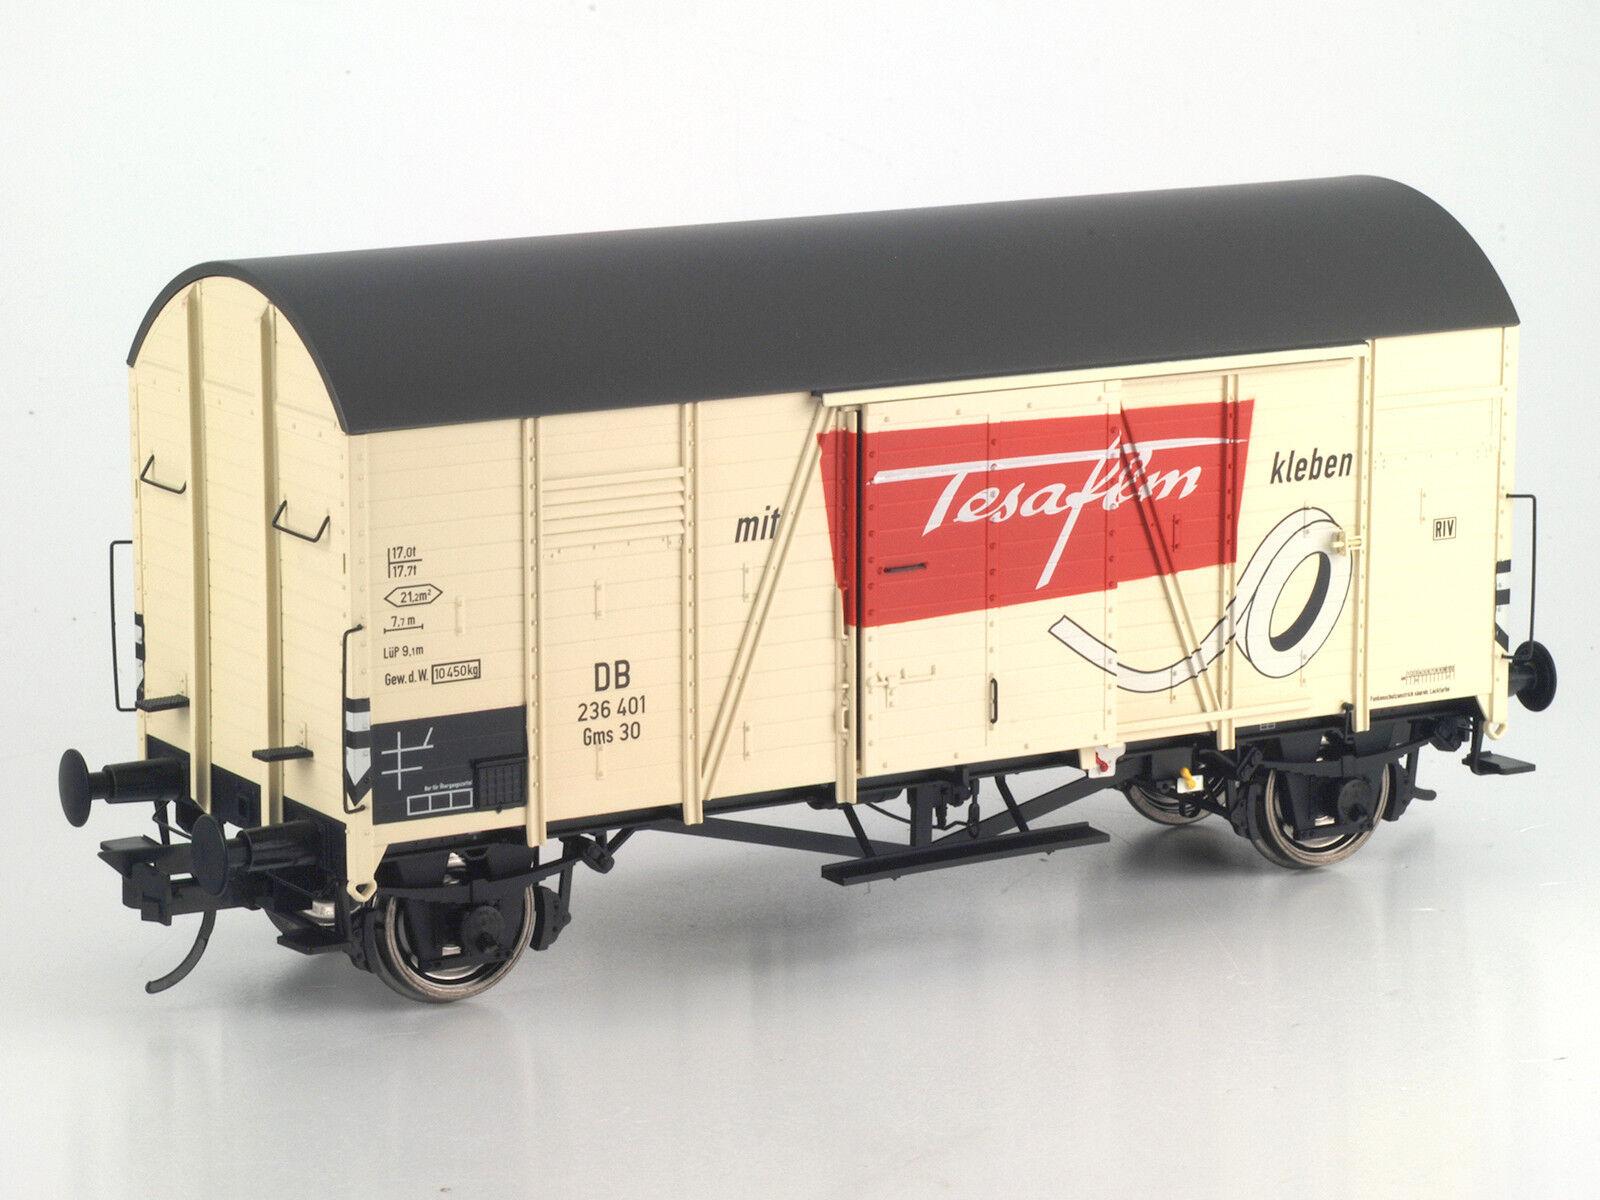 Brawa 37350 DB 2achs ged Güterwagen TESA -FILM beig Ep3 limit W13 Spur 0 NEUOVP  | Luxus